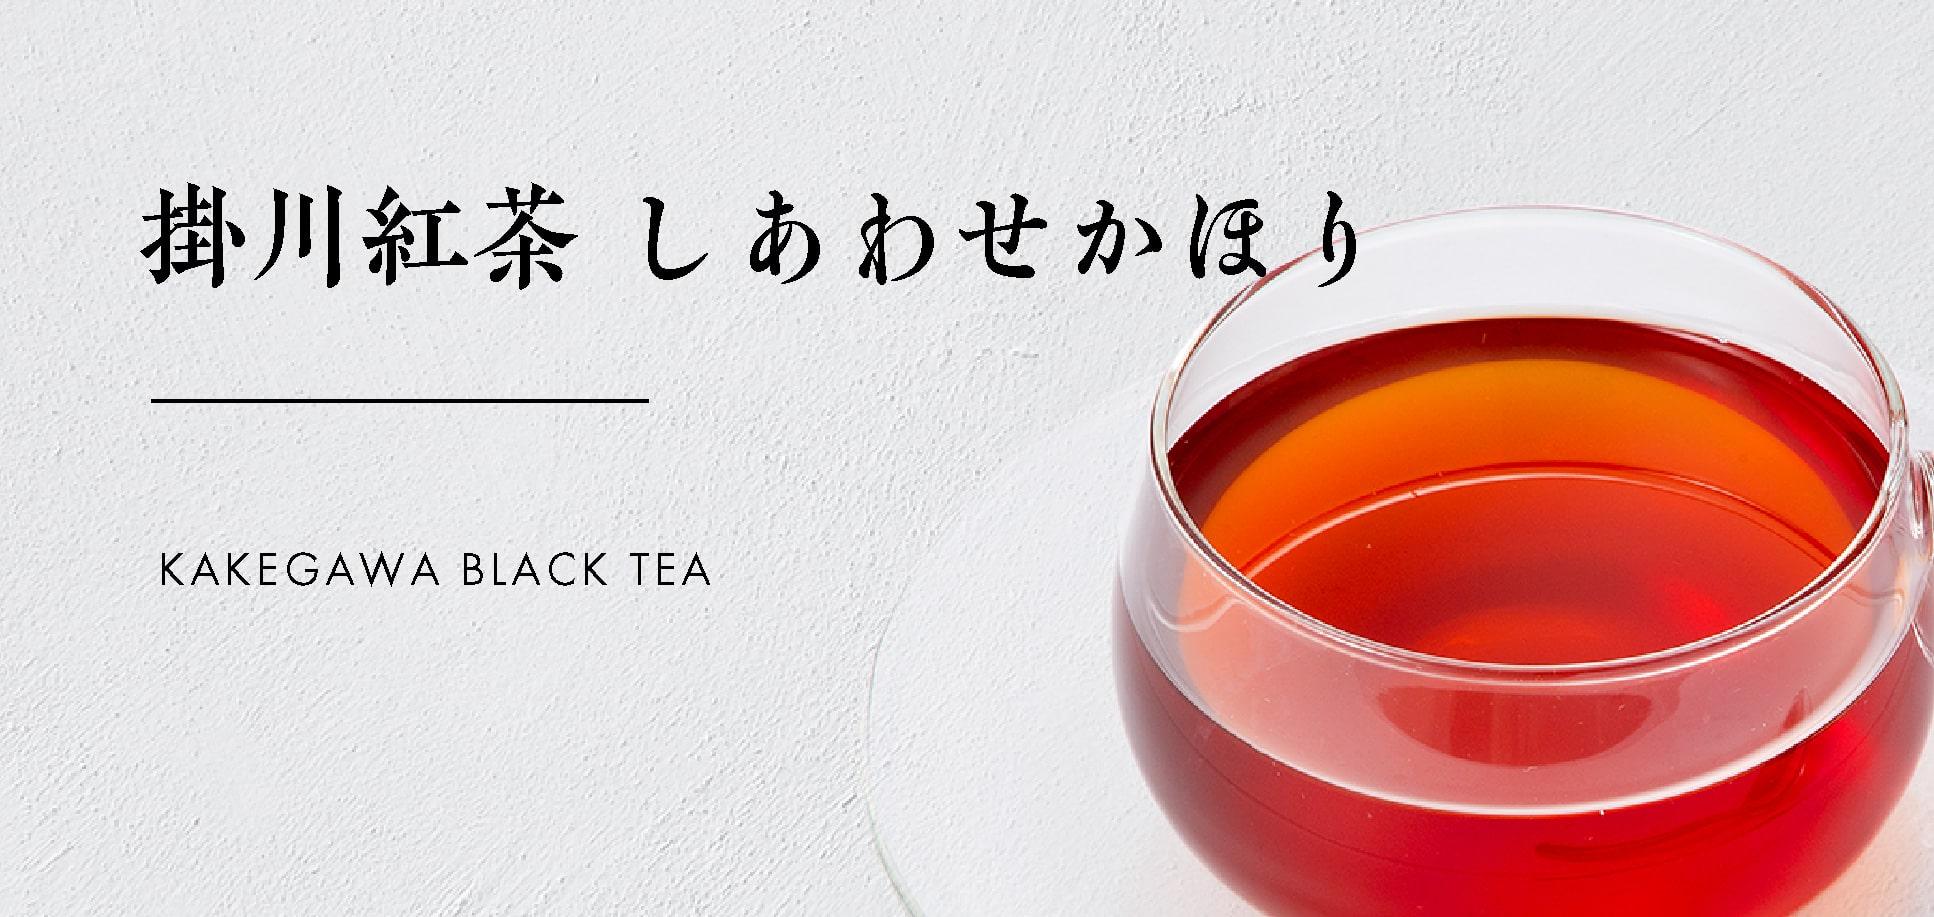 【かねじょう・茶の庭】掛川紅茶 しあわせかほり ティーバッグ・リーフタイプ